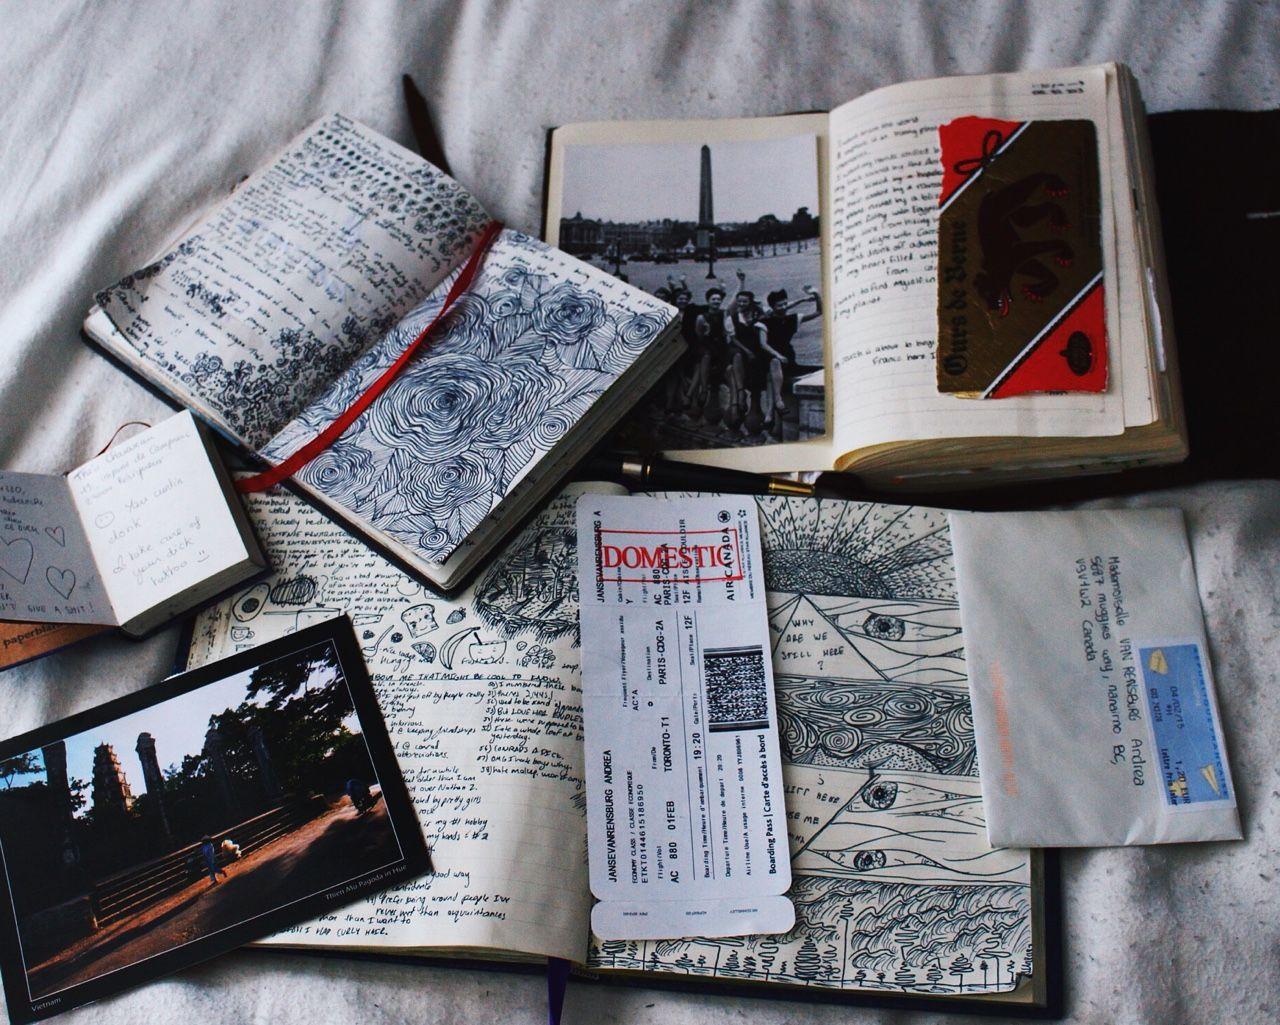 constancia: pasé la mañana leyendo mis propios diarios y recordando cosas …